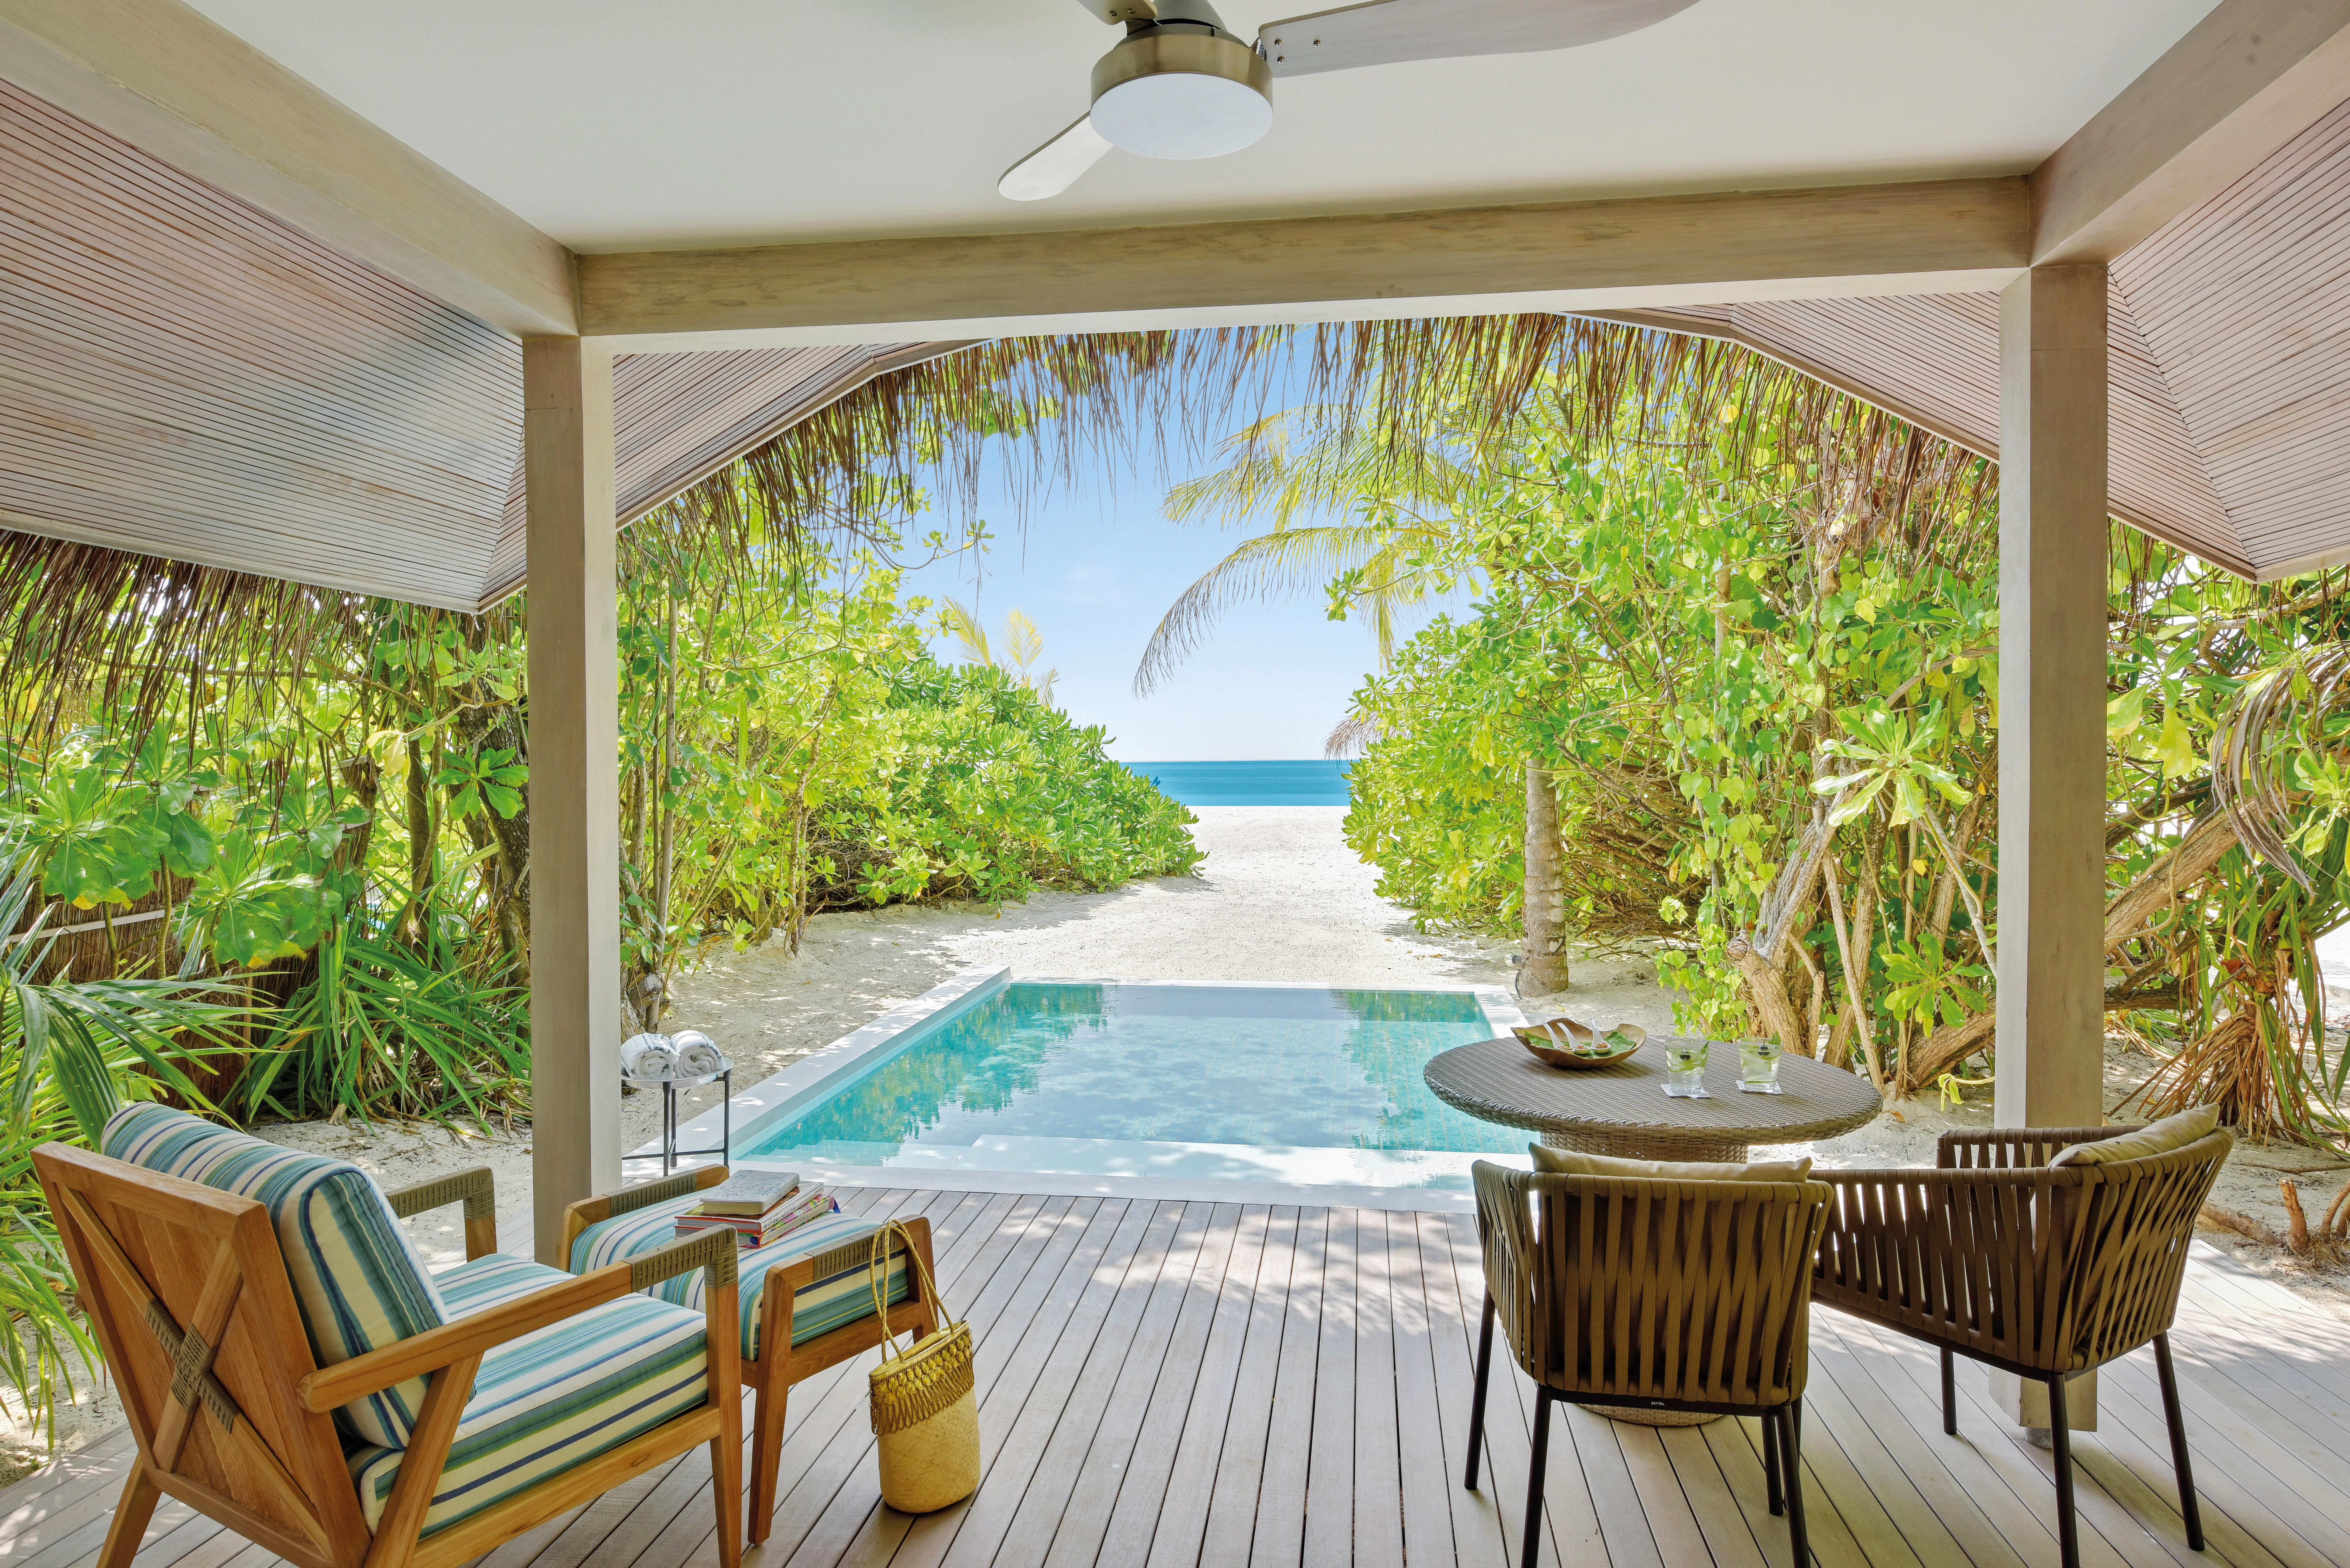 Project Of The Week – Kanuhura Resort, Maldives